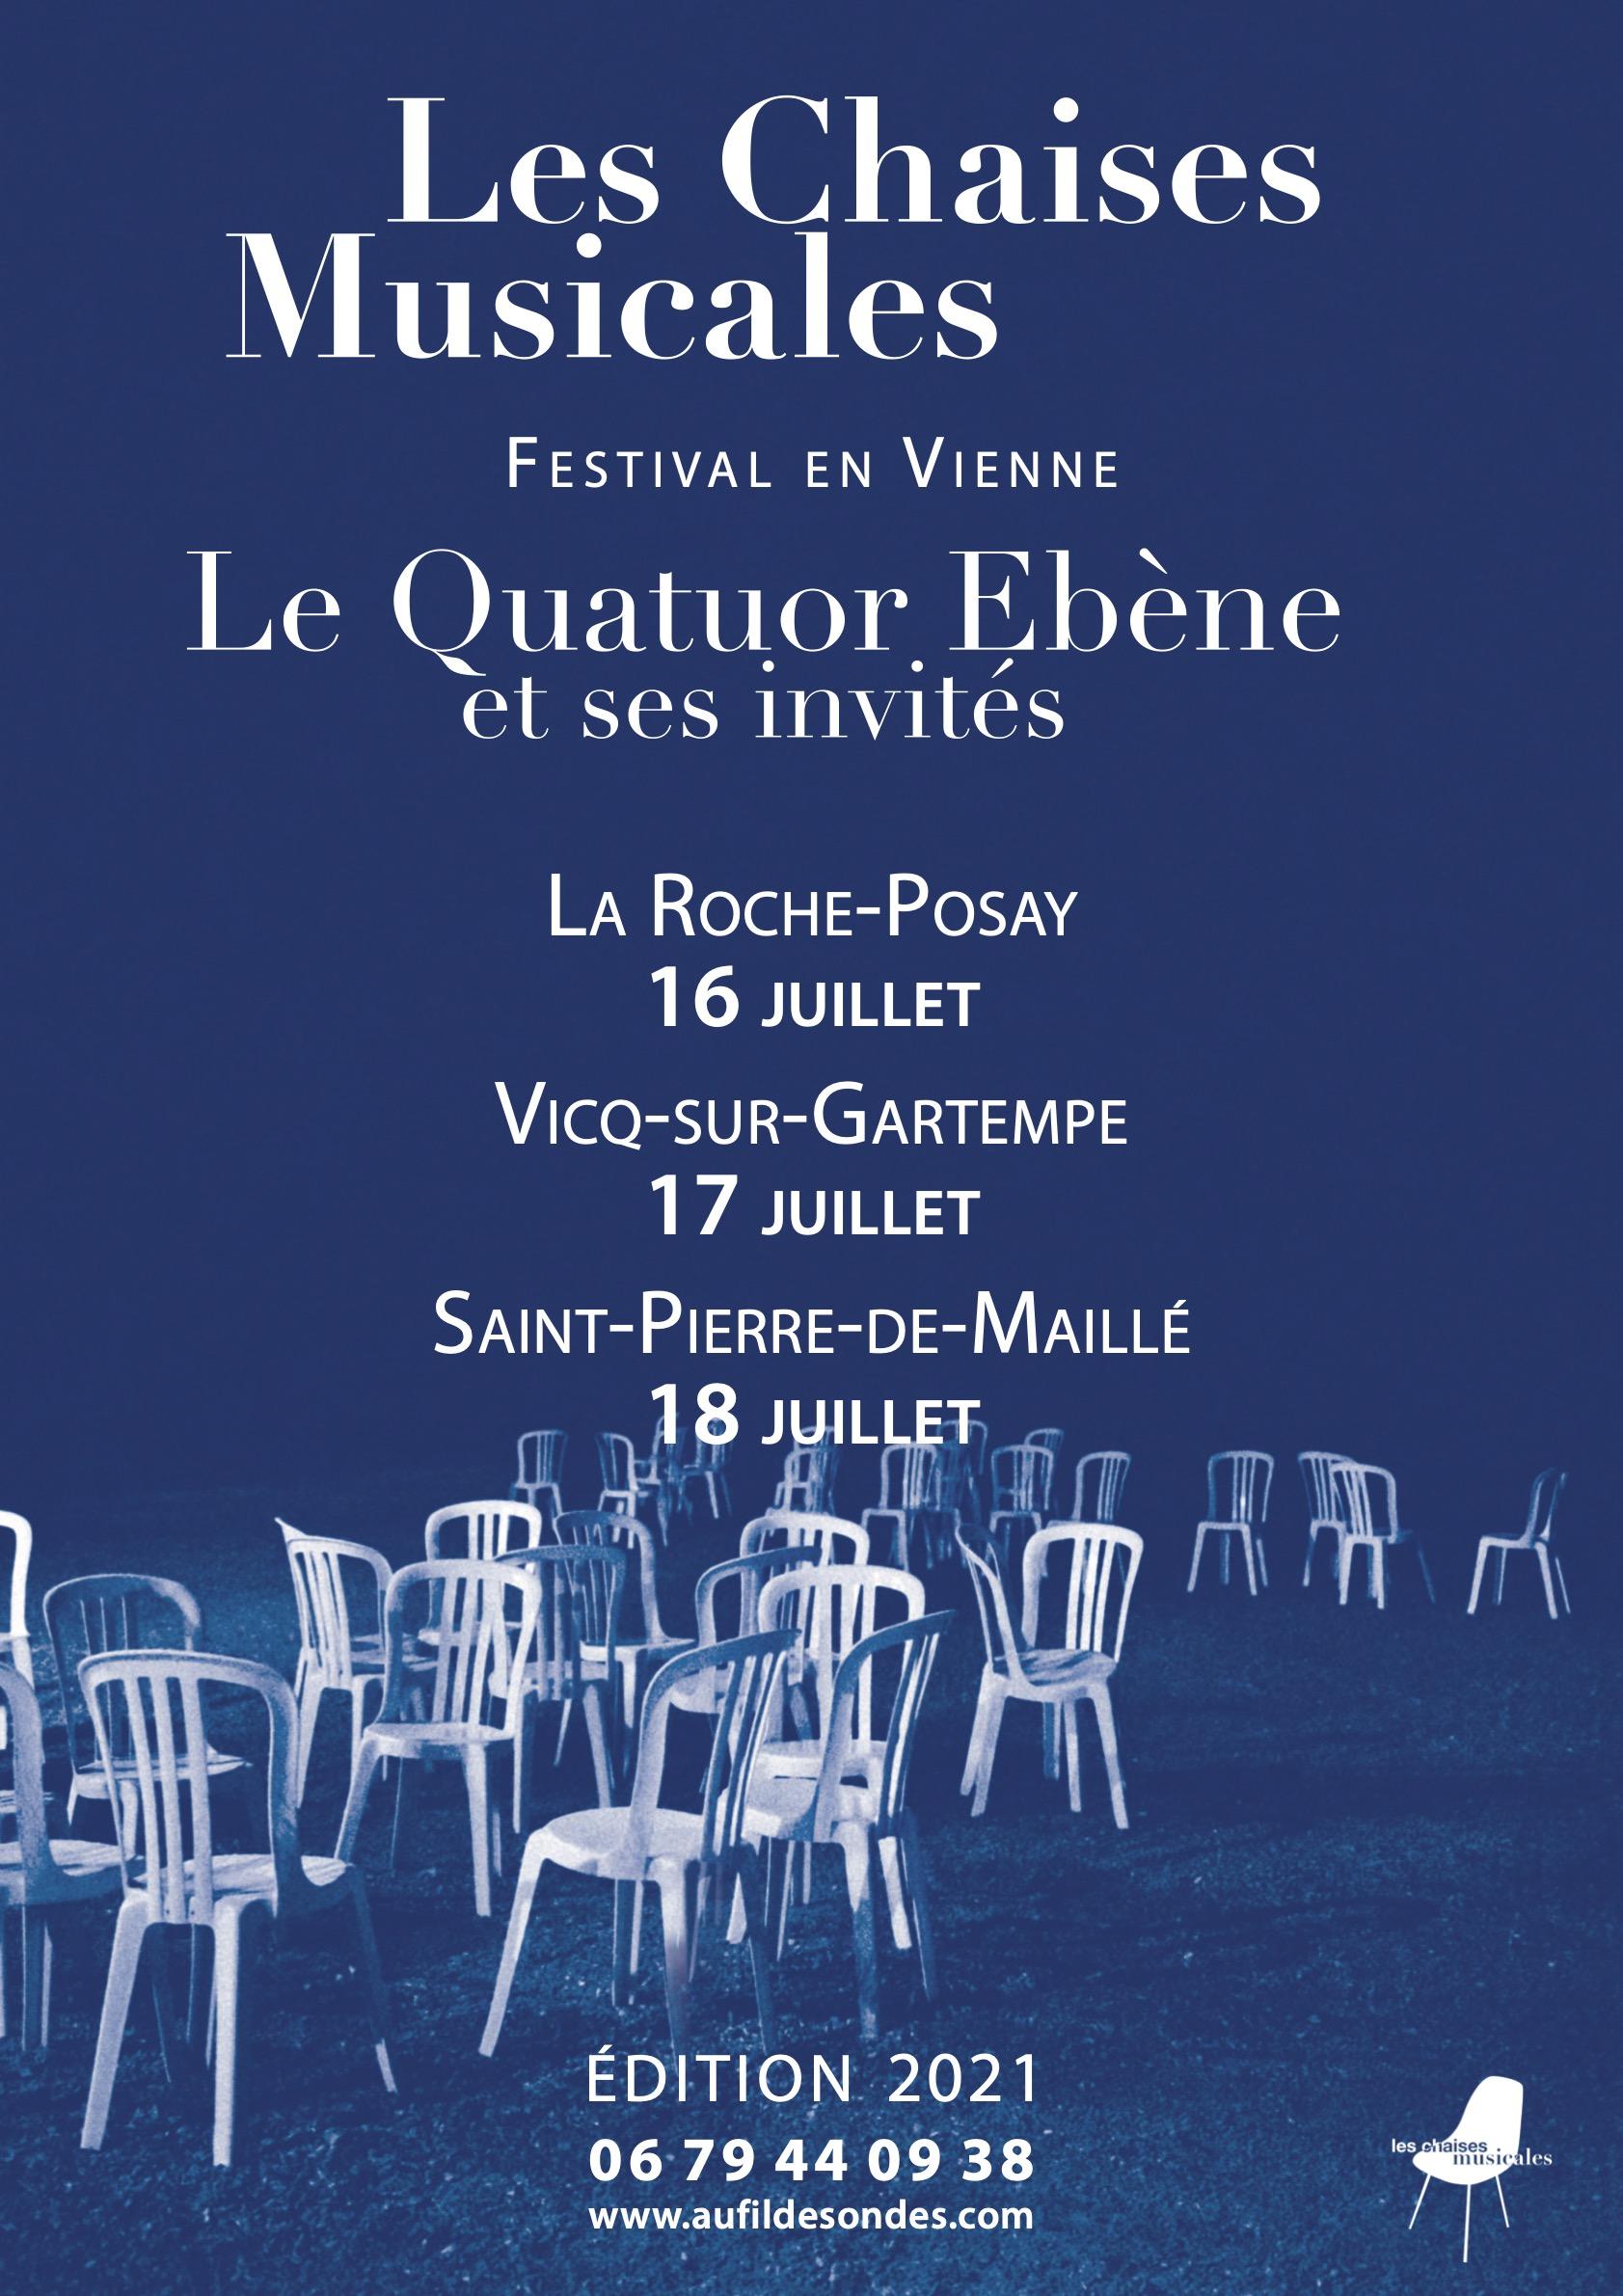 Festival Les Chaises Musicales